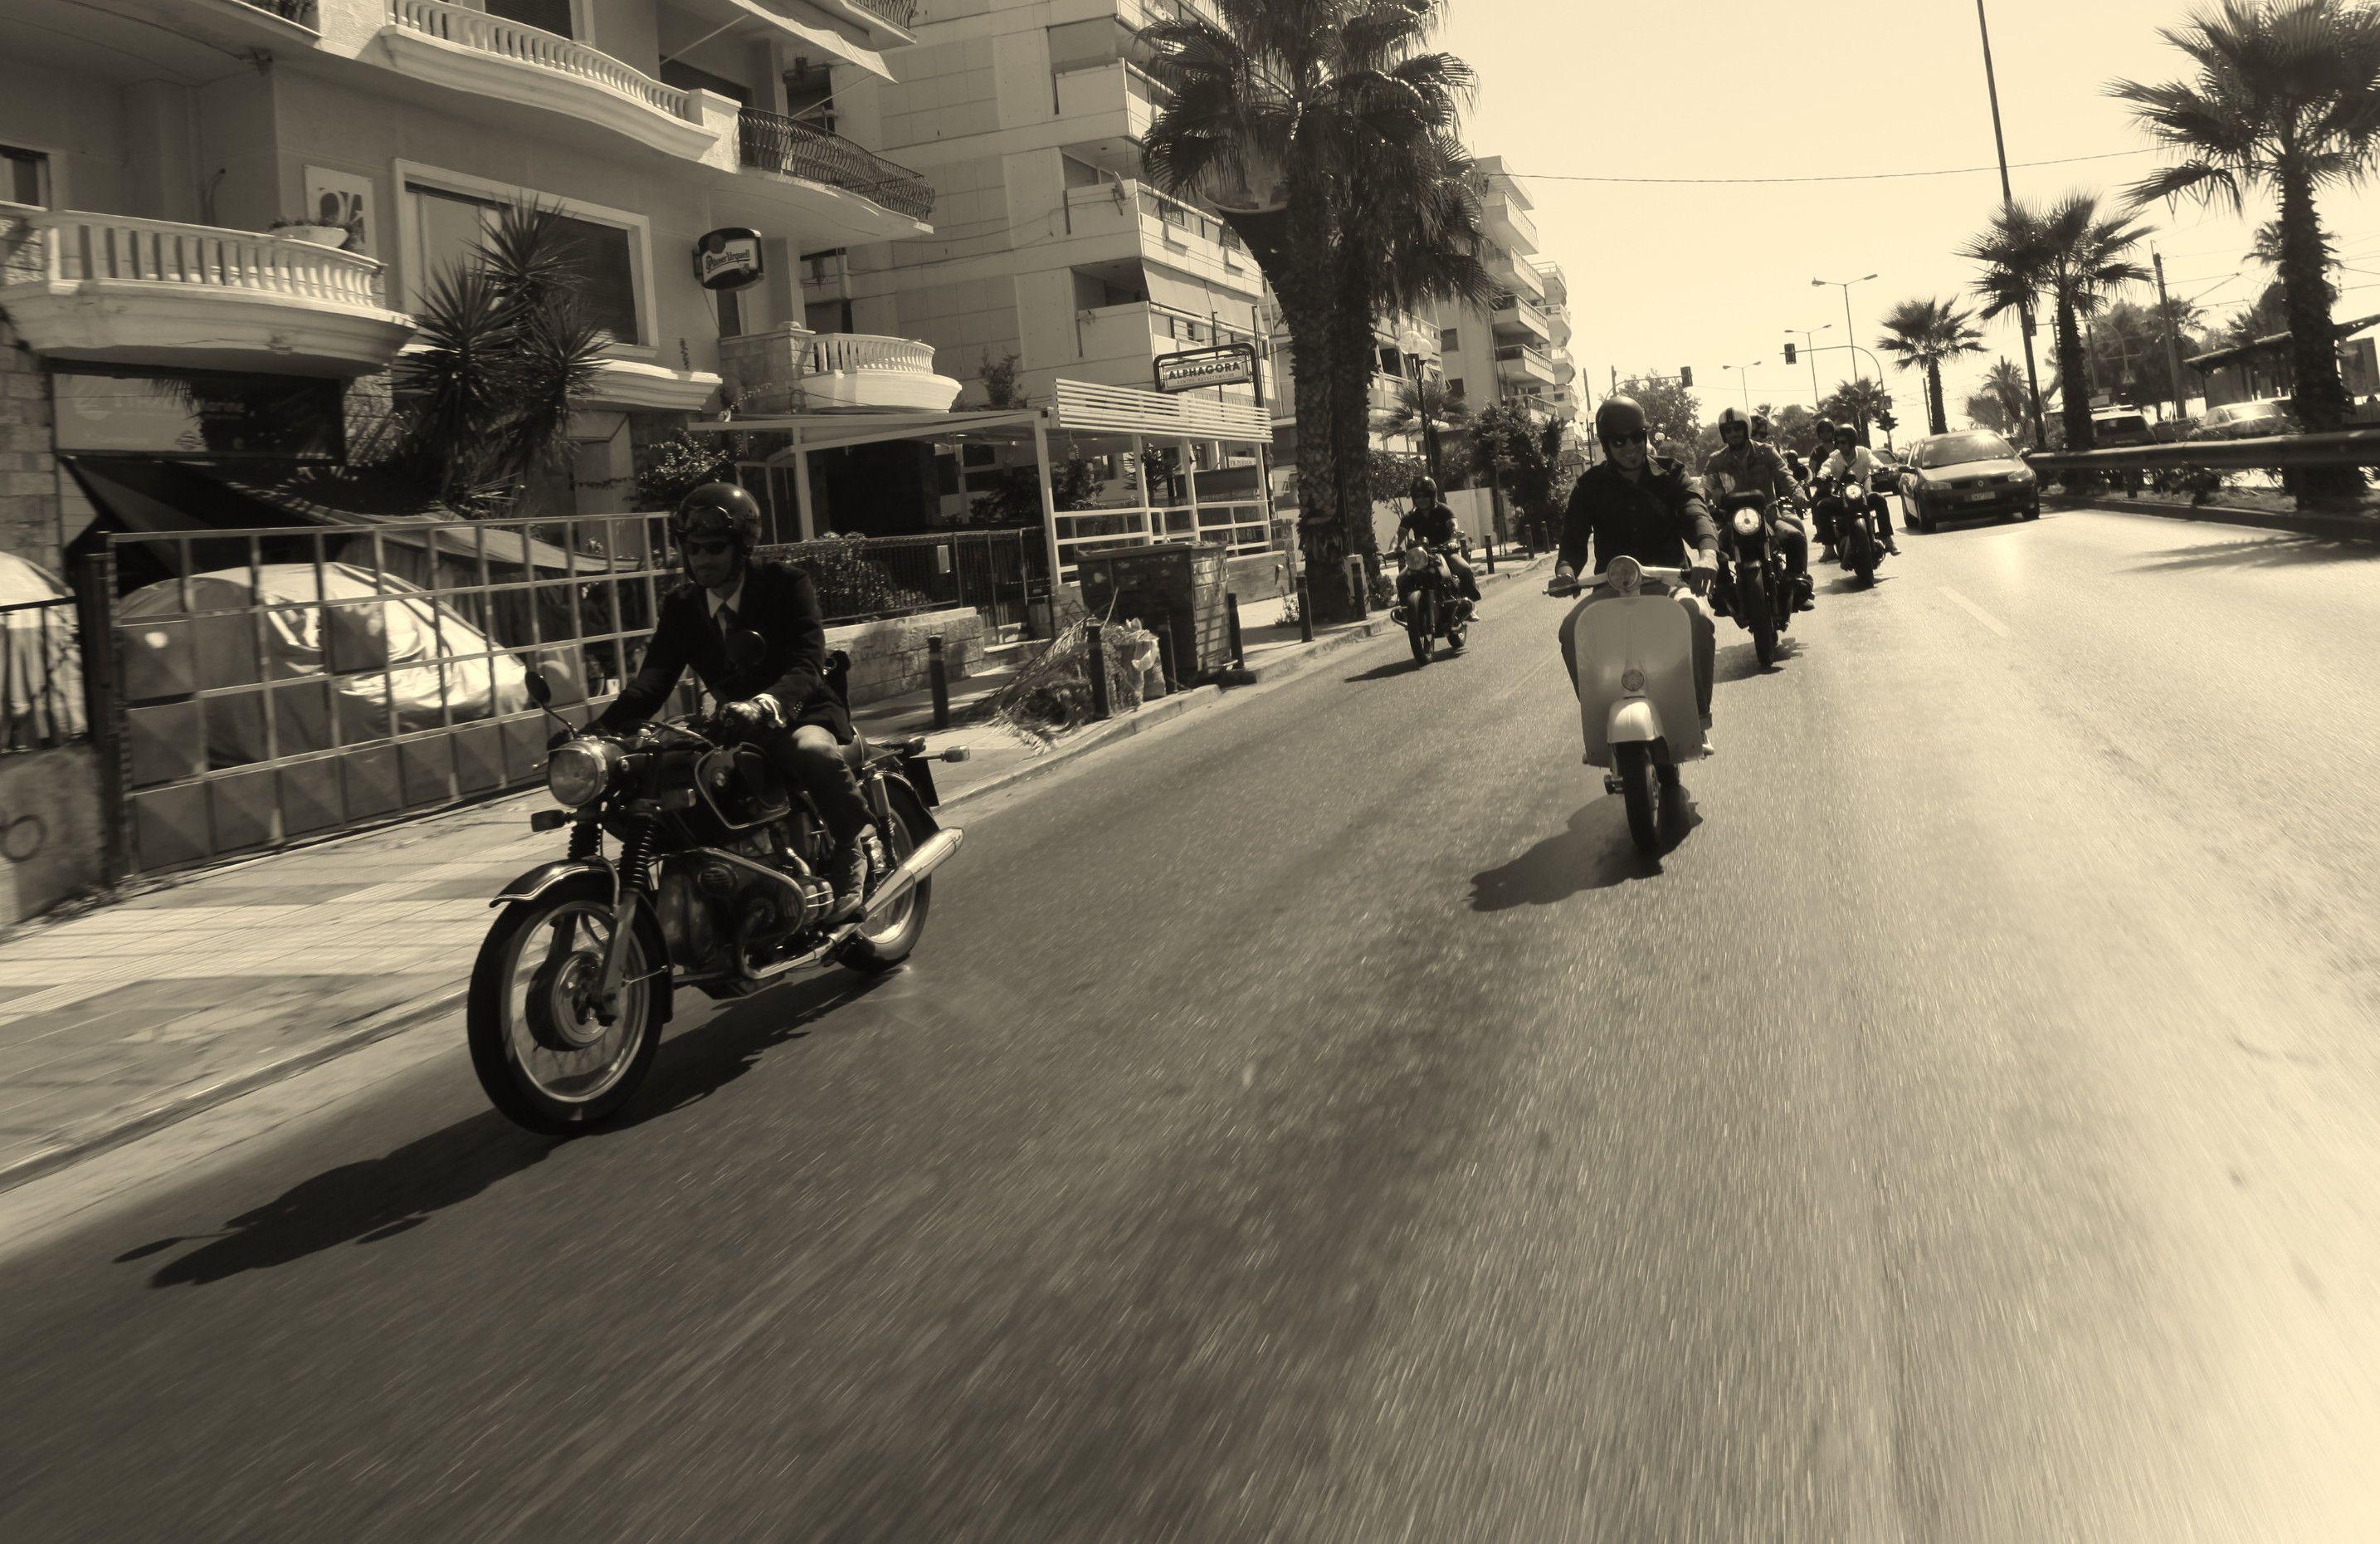 Athens dgr 2013 riding athens motorbikes